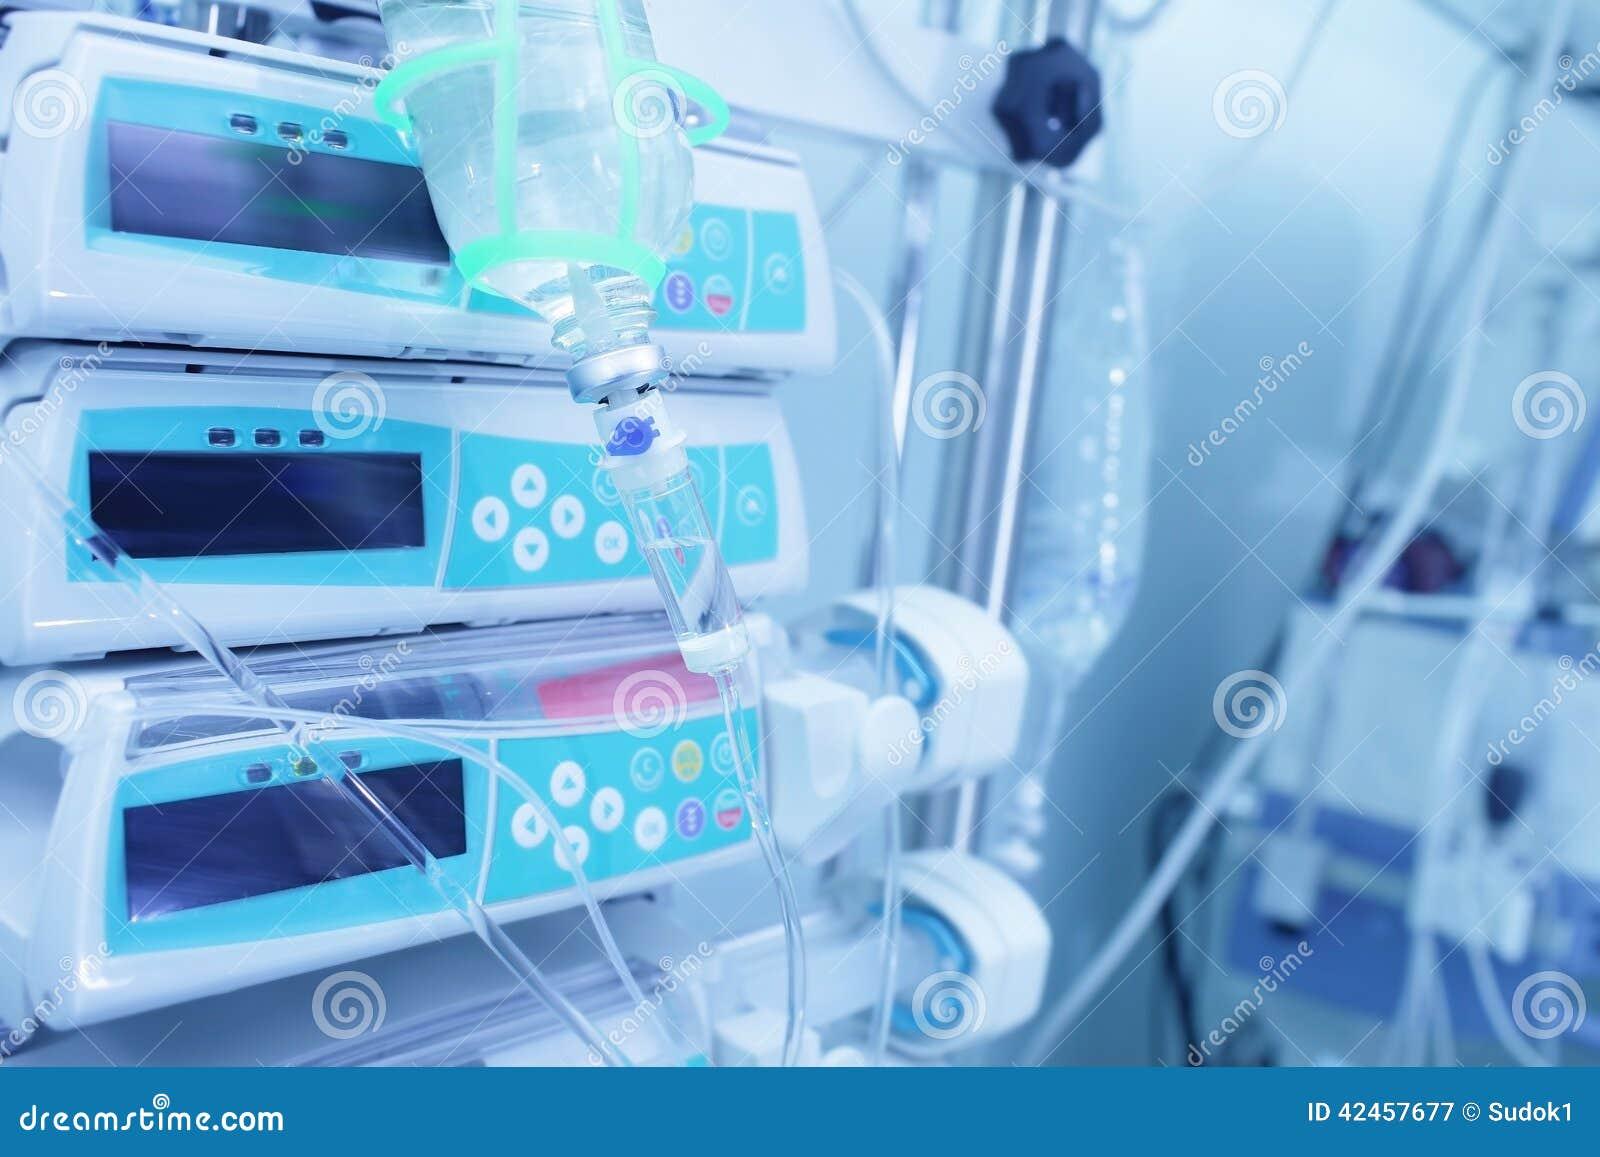 Ausrüstung im Krankenhaus für Behandlung